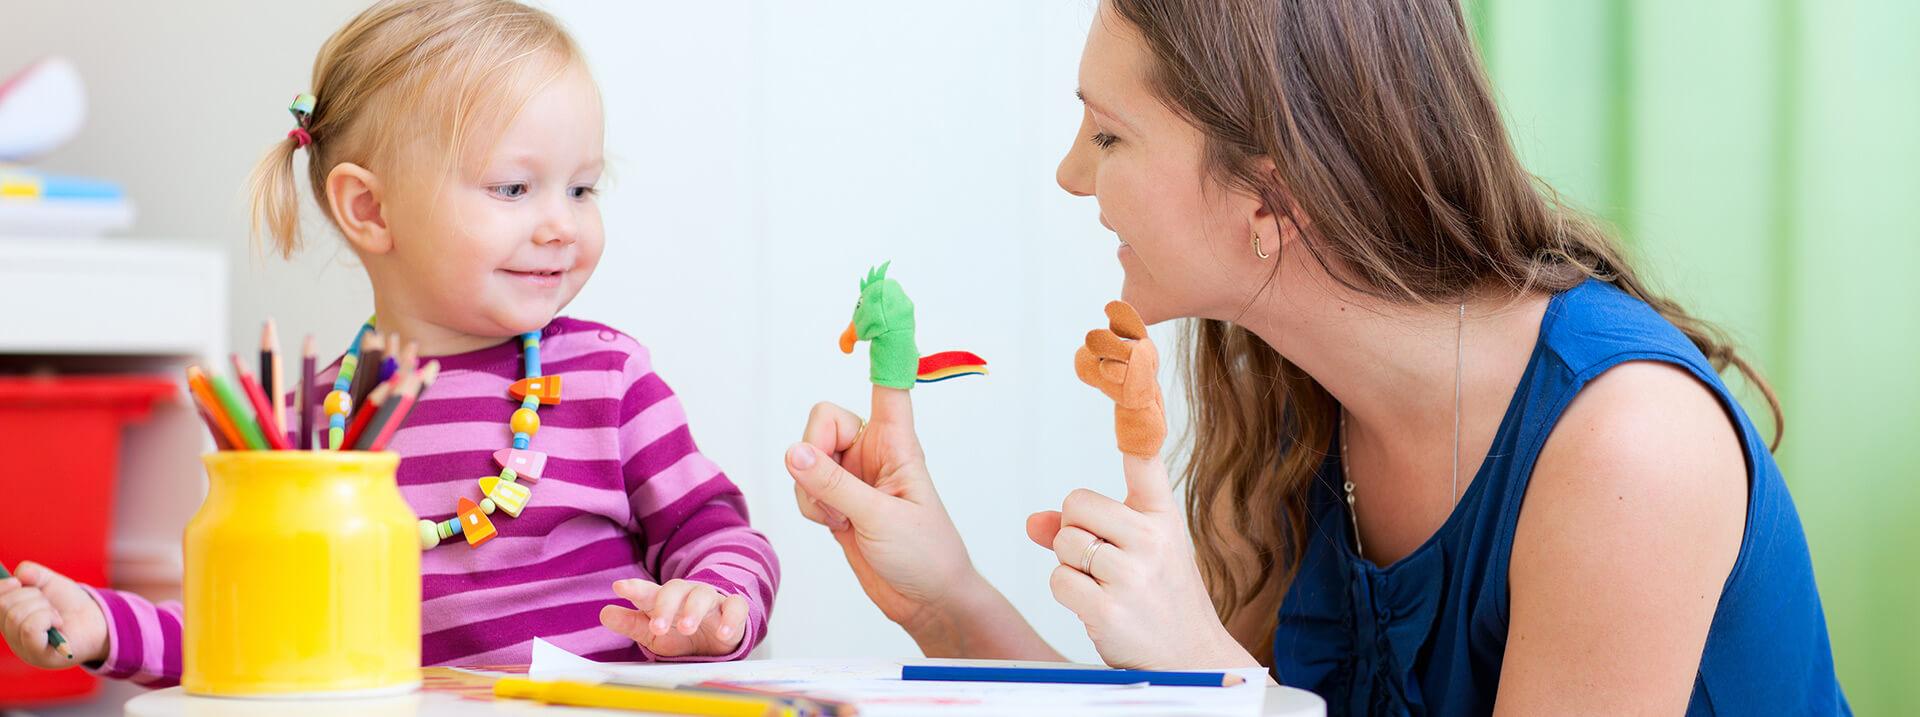 як спілкуватися із дітьми